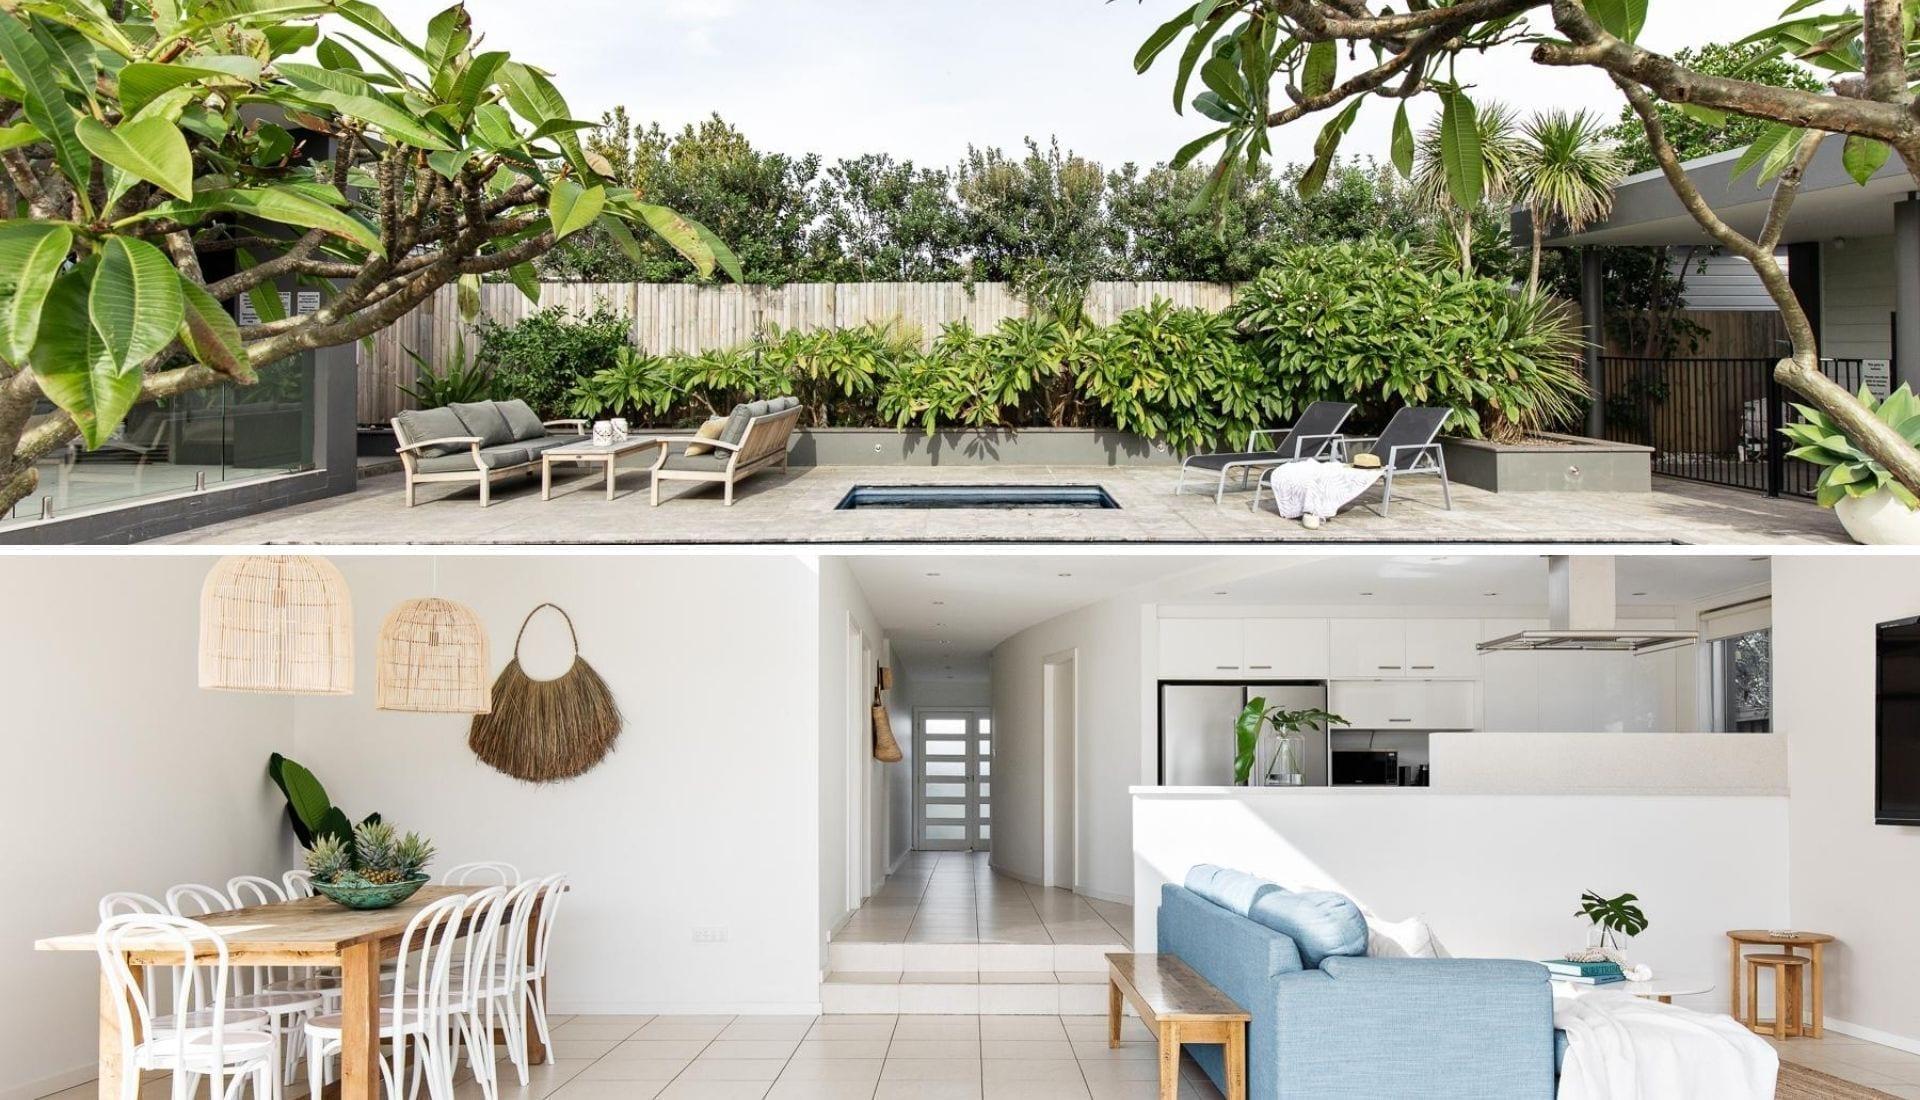 Sundara Luxury Accommodation